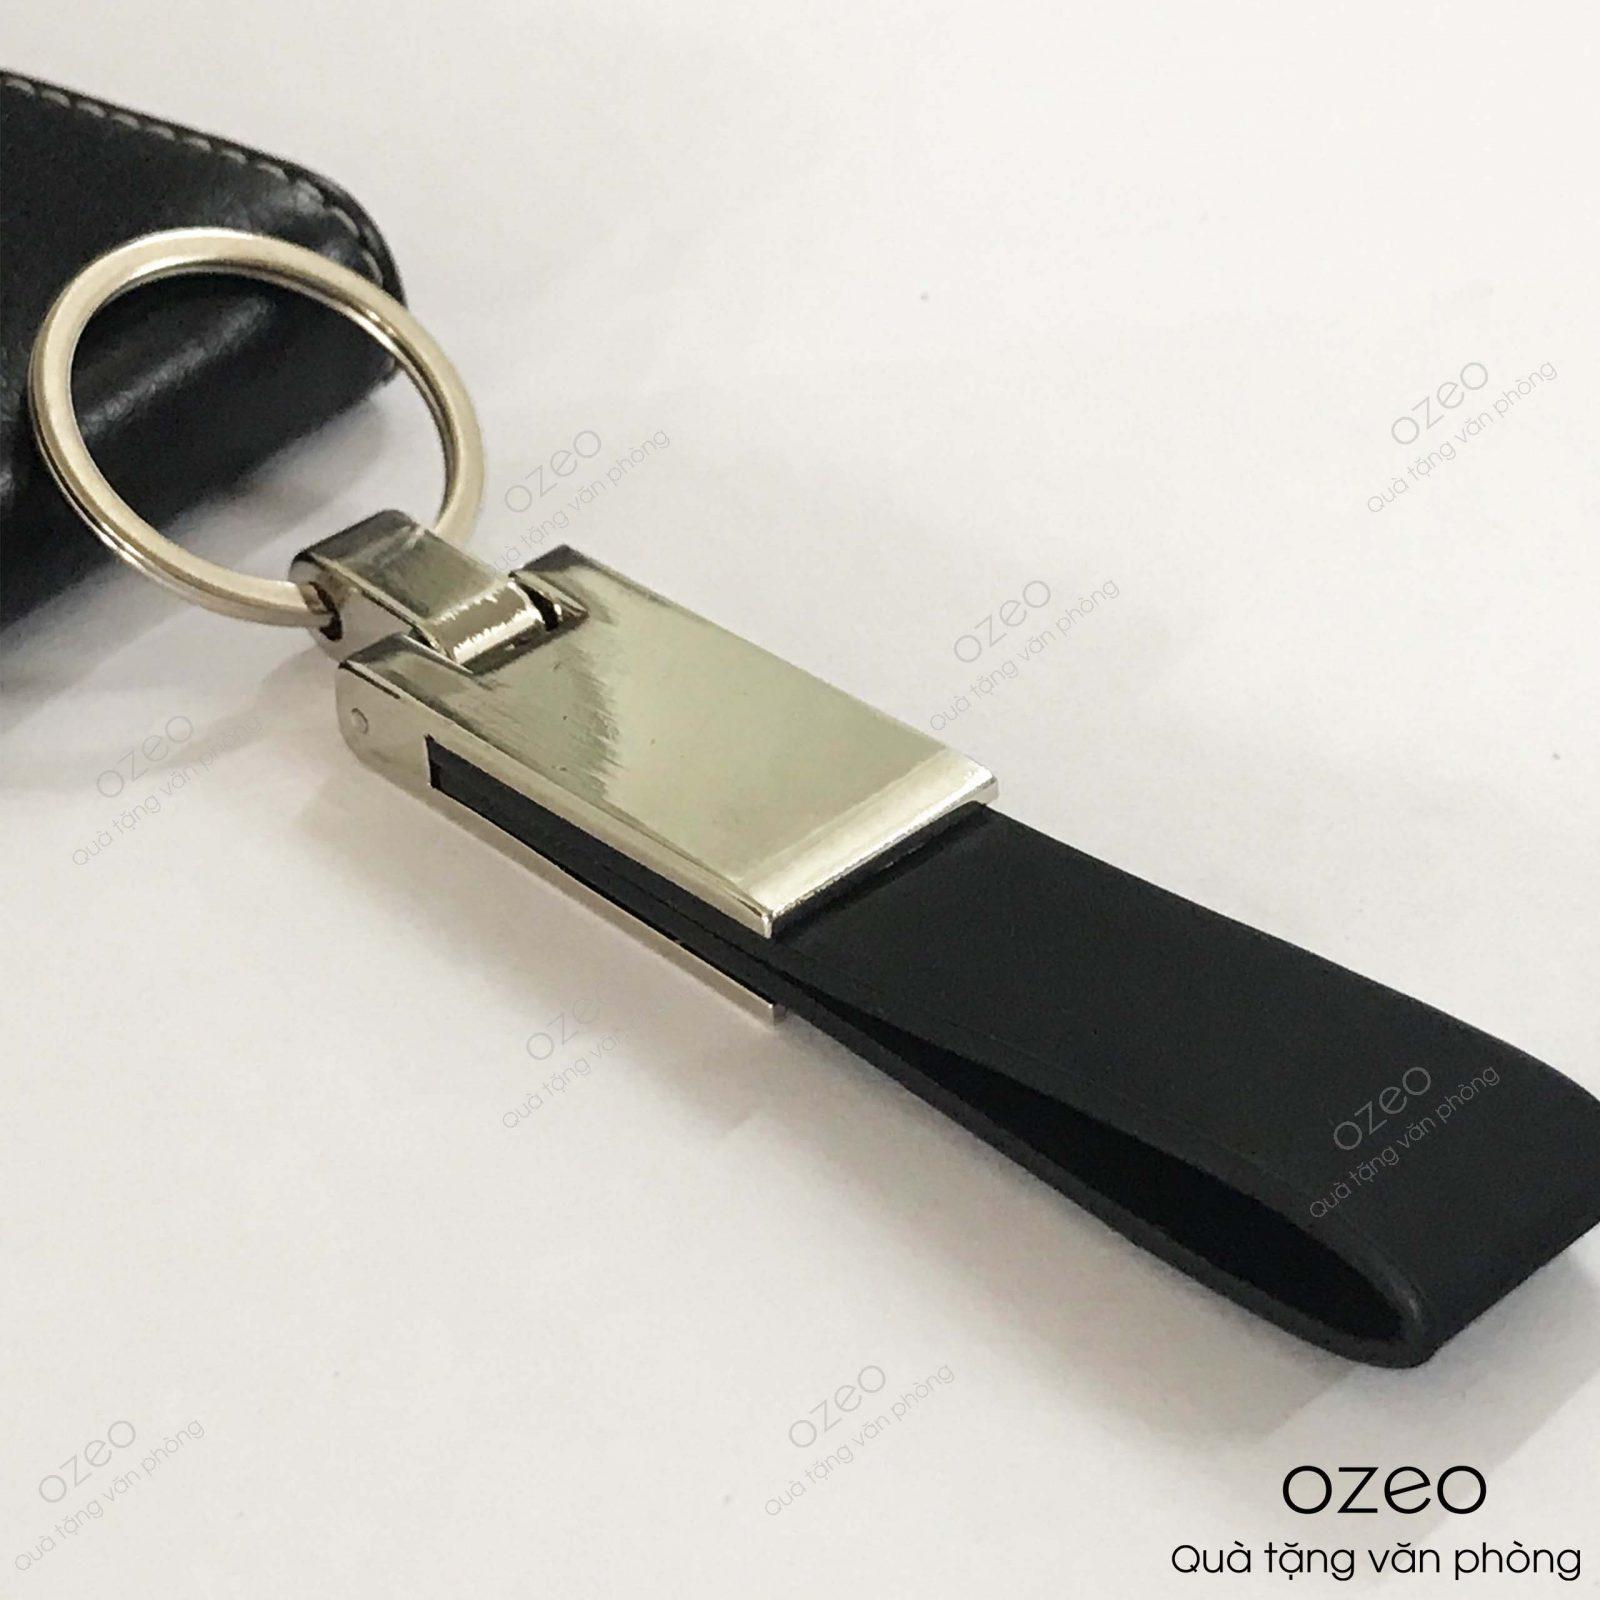 Móc khóa dây da có bề mặt kim loại có thể khắc tên, khắc logo theo yêu cầu.